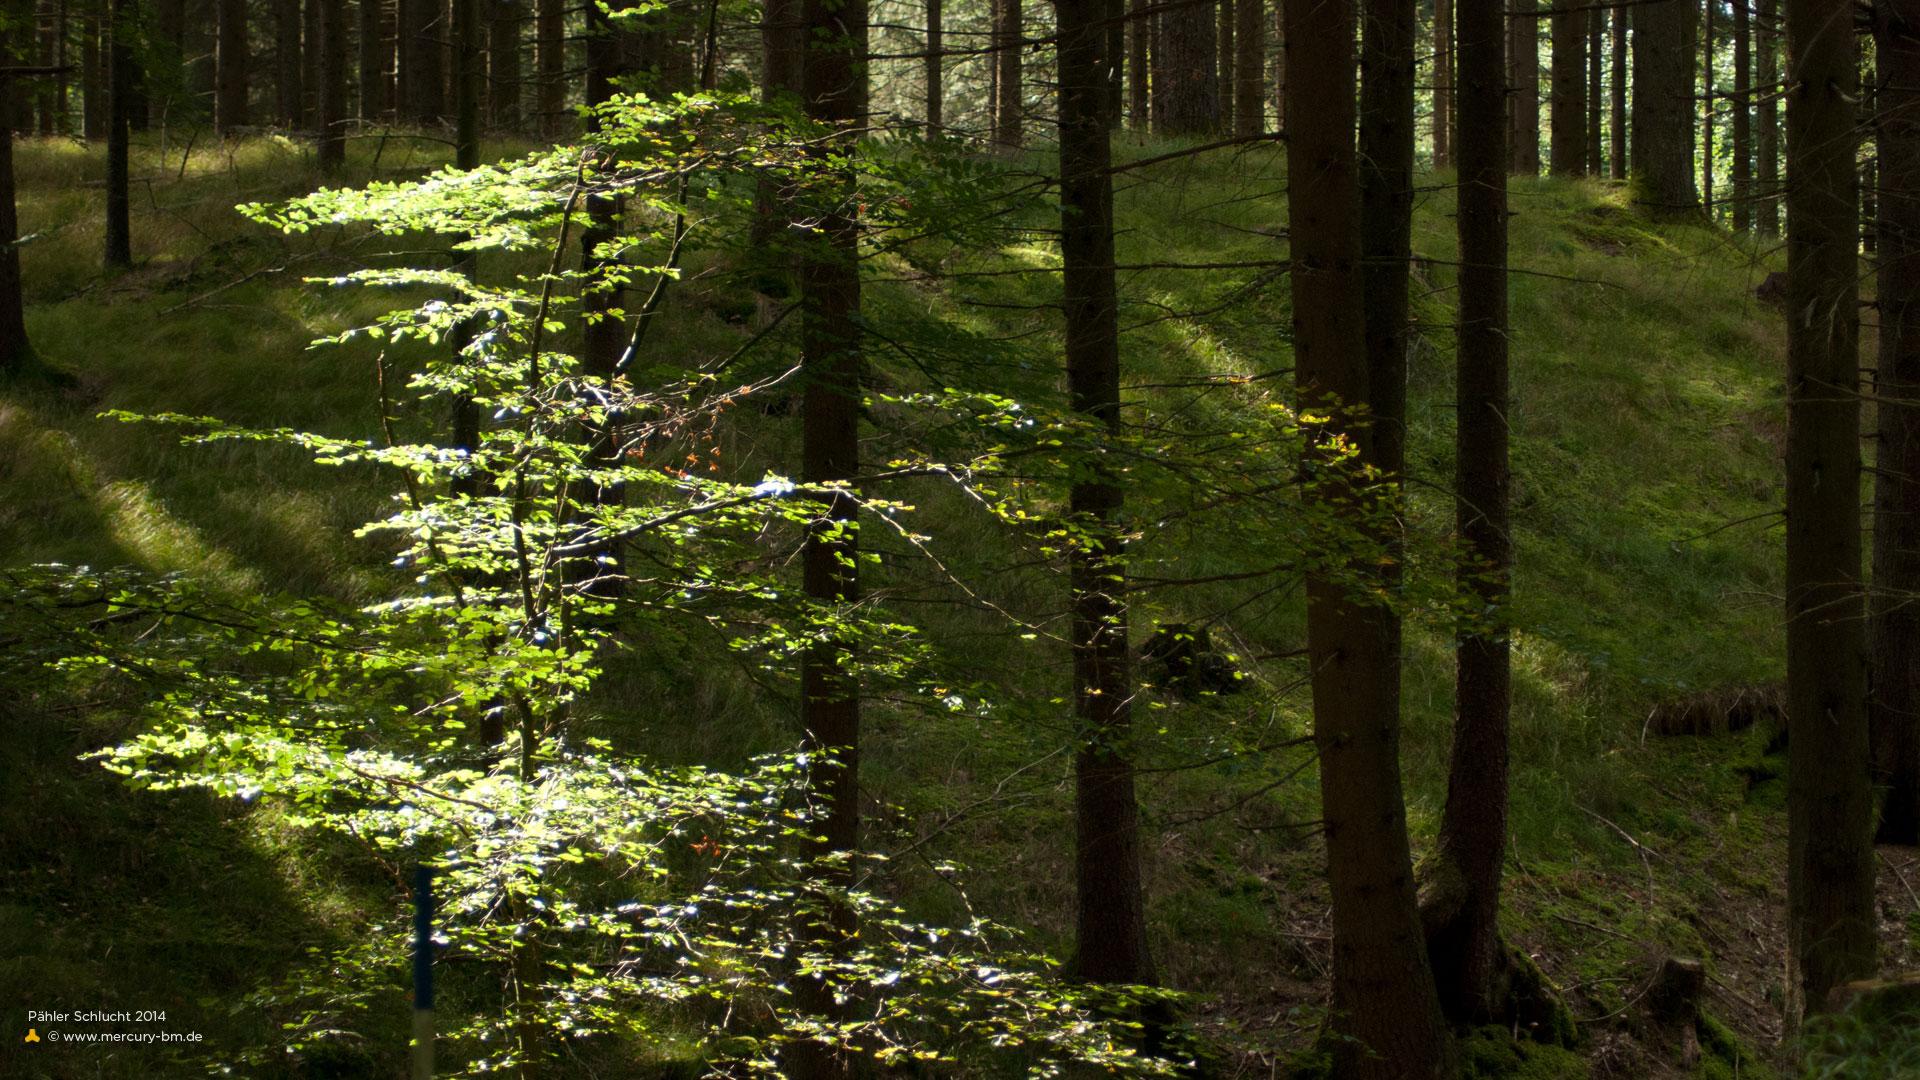 Sonnenlicht bricht durch den Wald bei Pähl